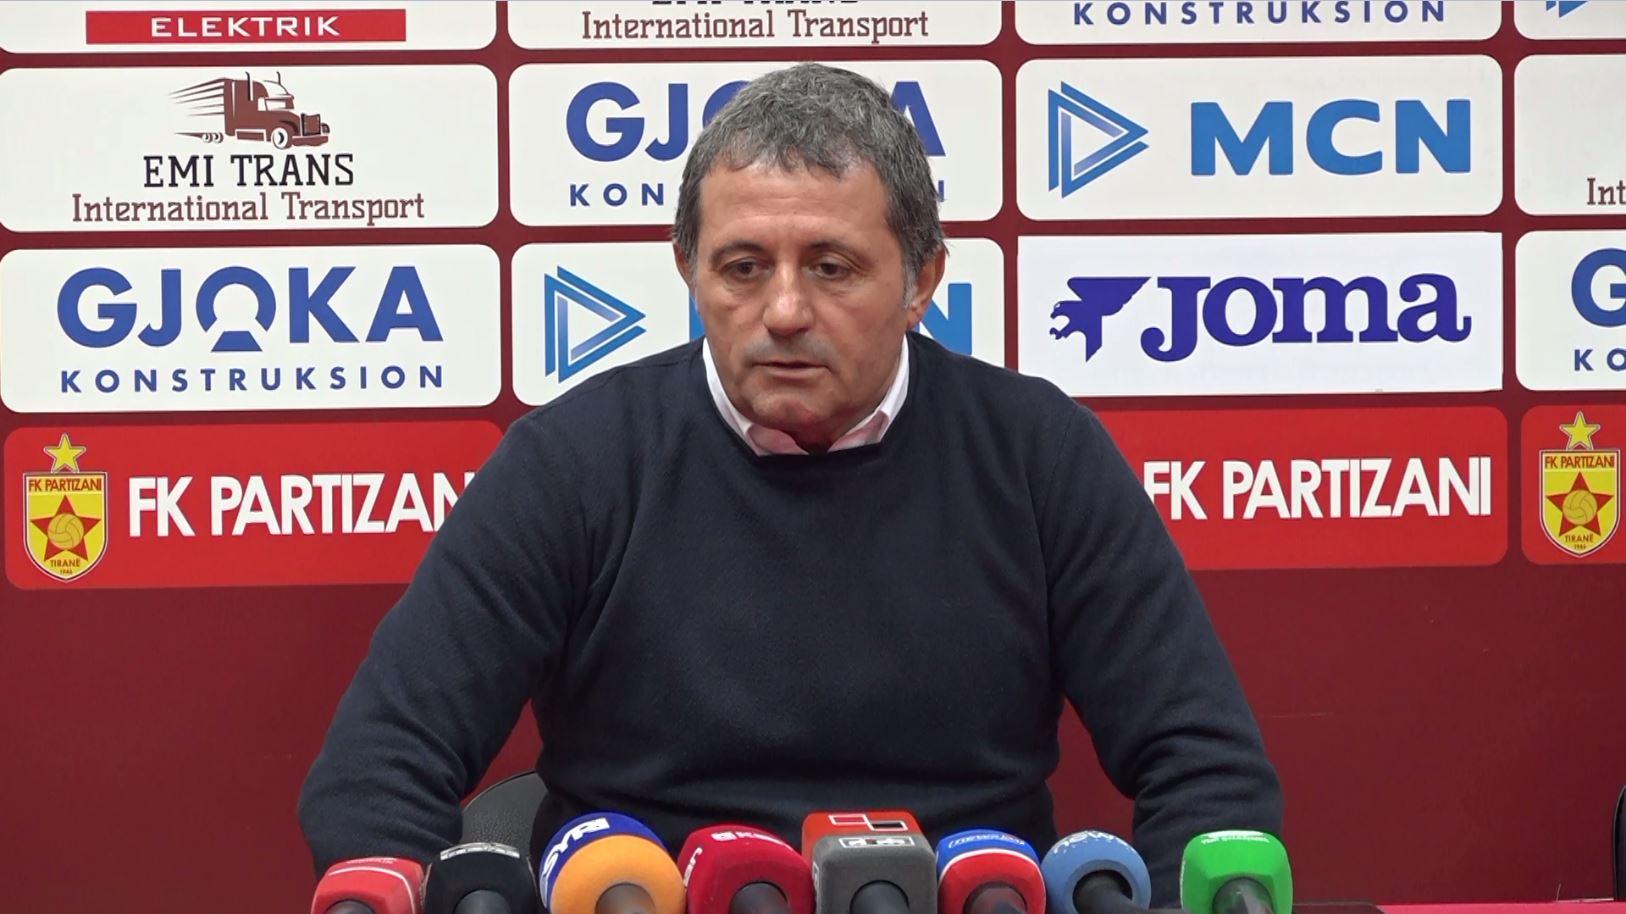 Daja: Presionin e ka Tirana, derbi jo udhëkryqi i sezonit! Fiton ekipi më kompakt